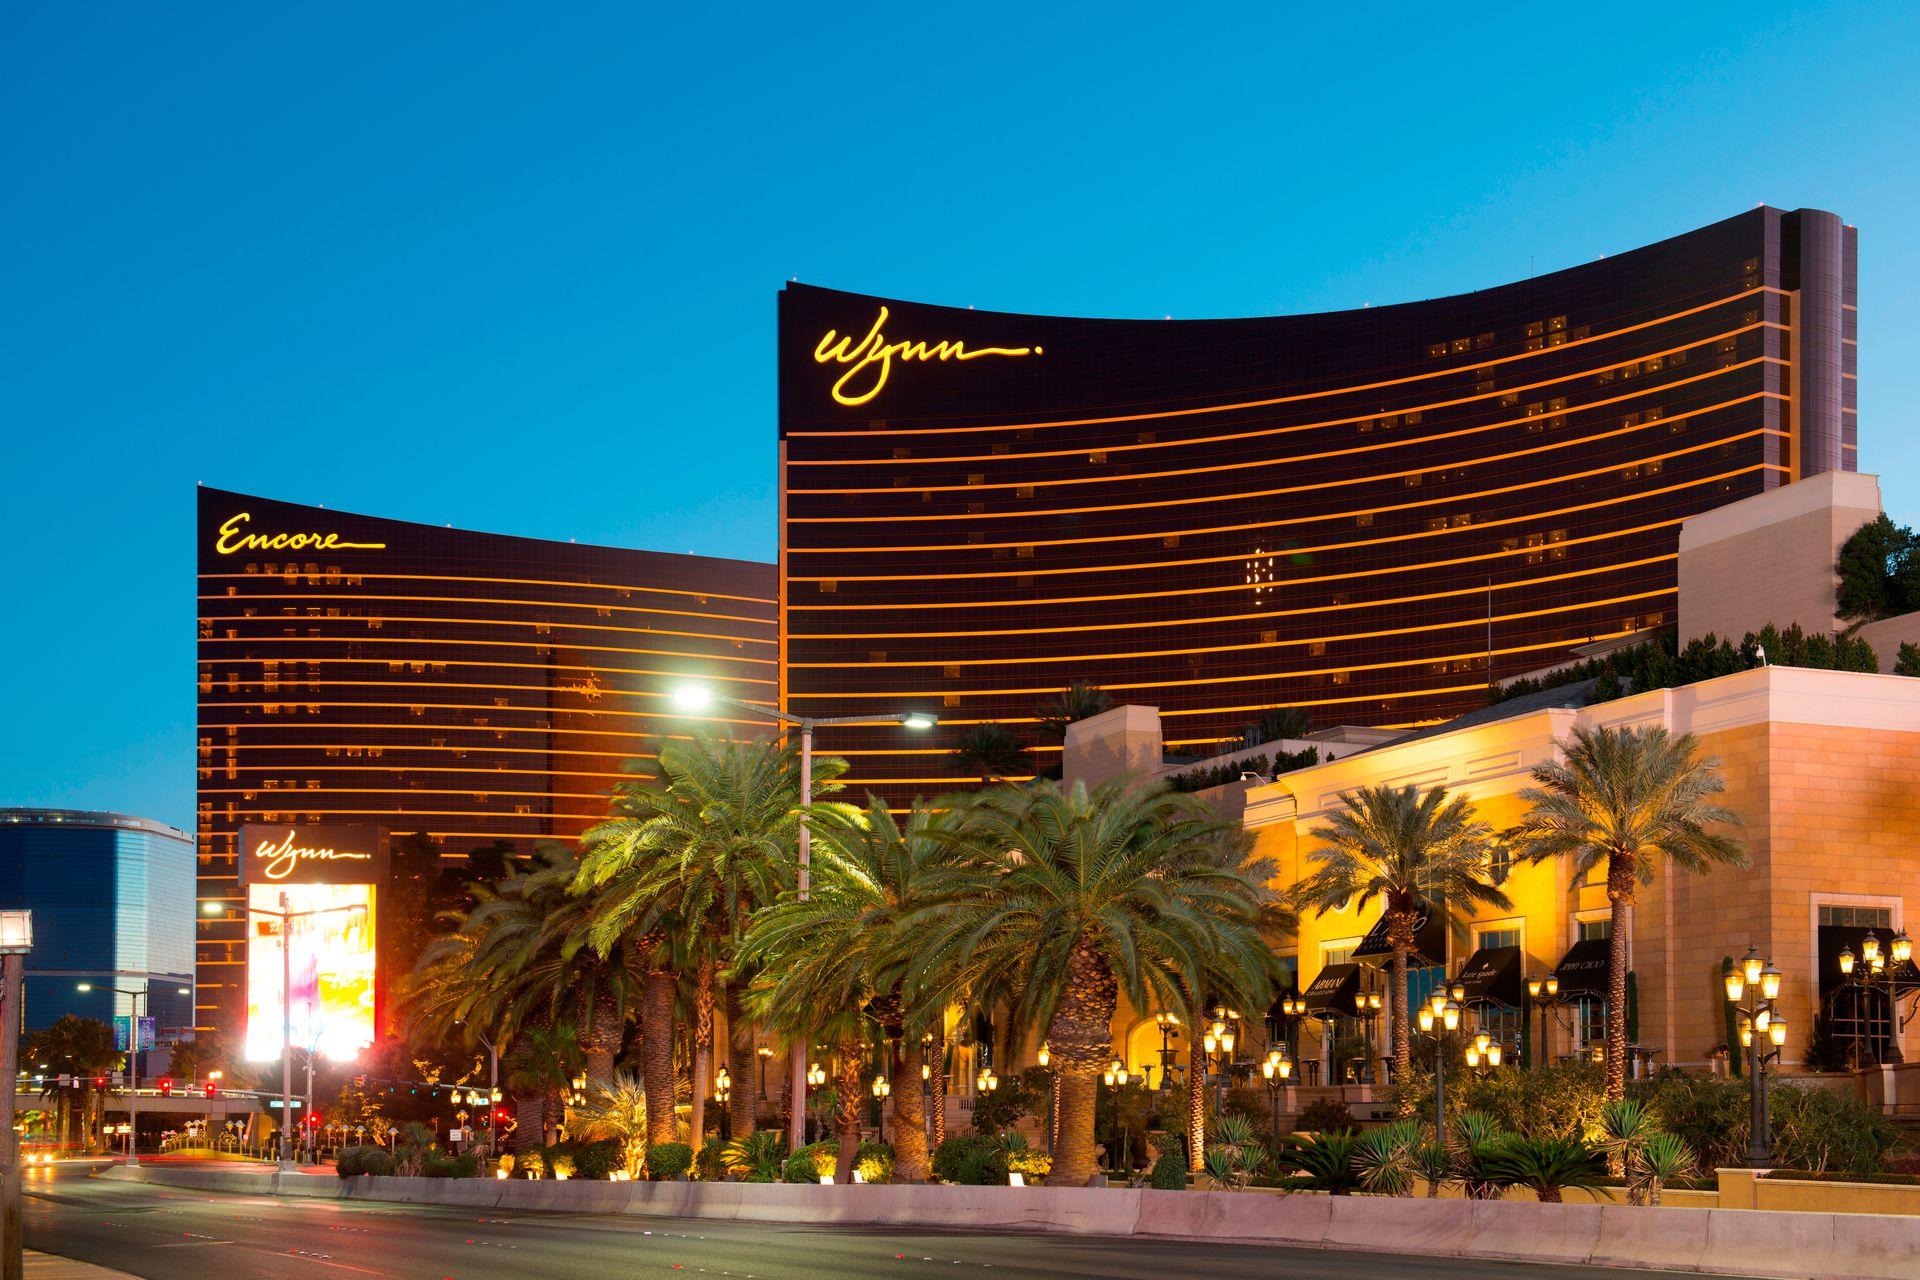 El Wynn Hotel, un clásico de Las Vegas, donde el príncipe Harry tuvo su noche de locura. No siempre lo que pasa en Las Vegas queda en Las Vegas...